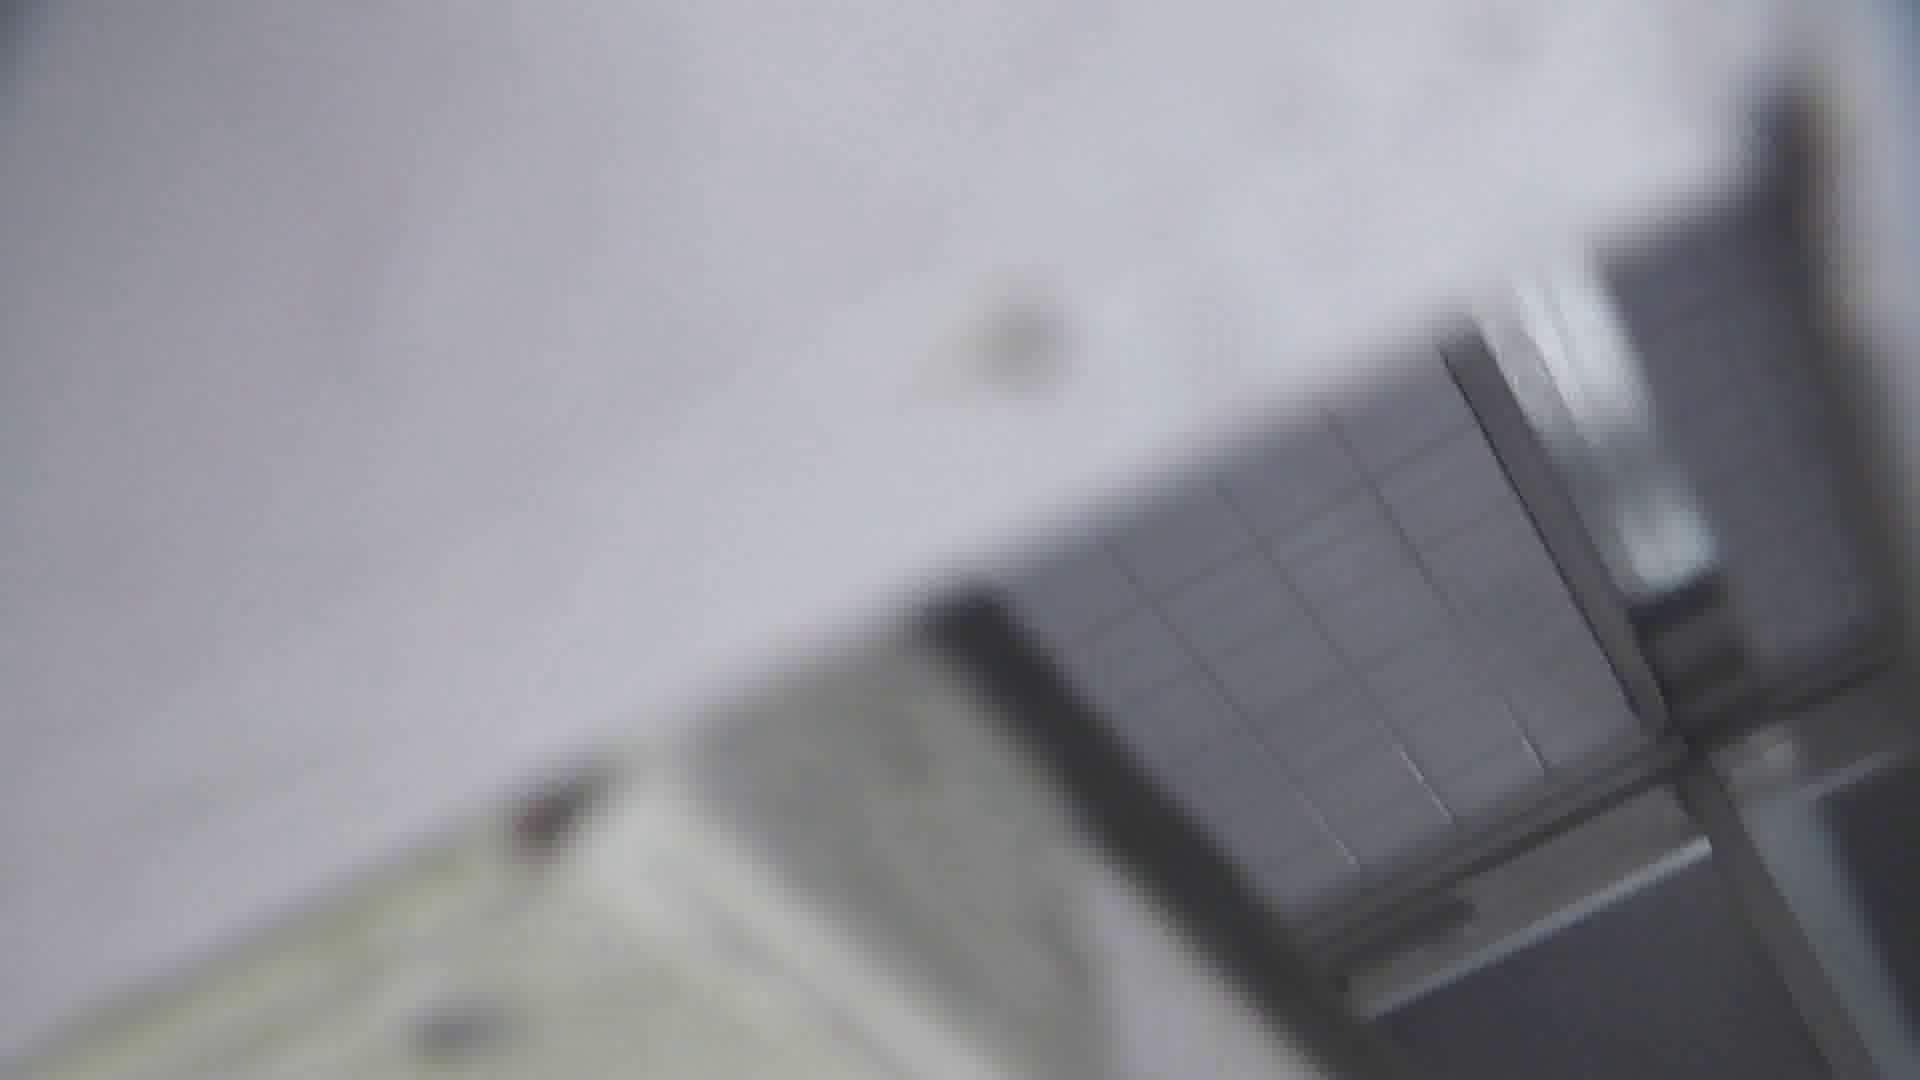 洗面所特攻隊 vol.020 びにょ~ん 洗面所着替え   OL  65連発 48